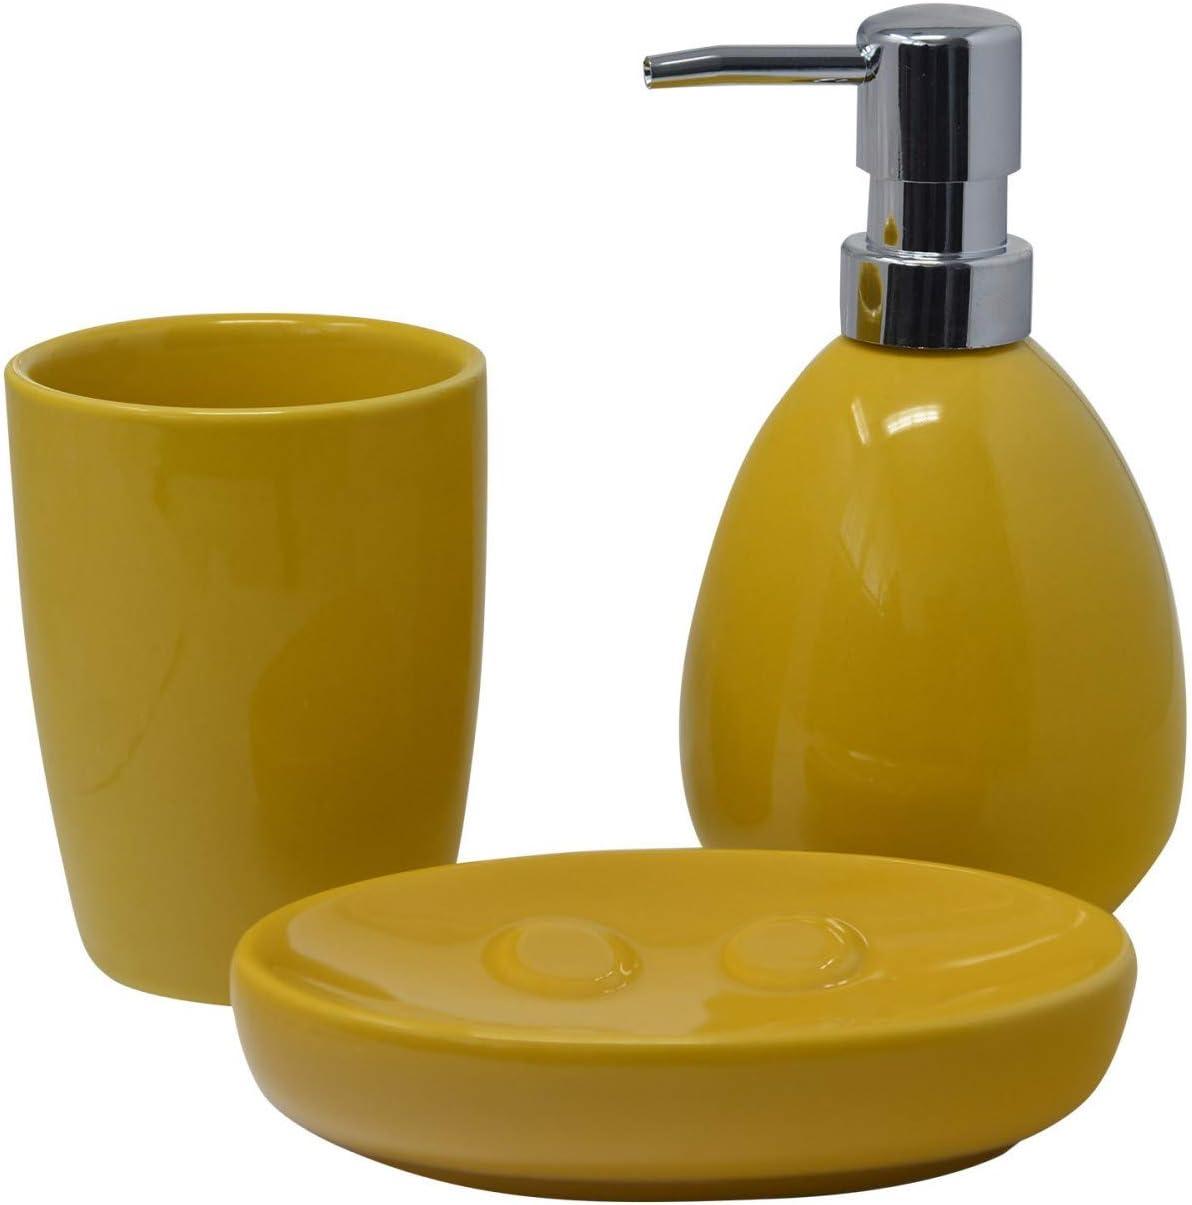 HOGAR Y MAS Juego/Set de Baño 3 Piezas en Cerámica, Color Amarillo, Diseño Moderno/Elegante. Vaso, Dispensador y Bandeja de baño -Hogarymas